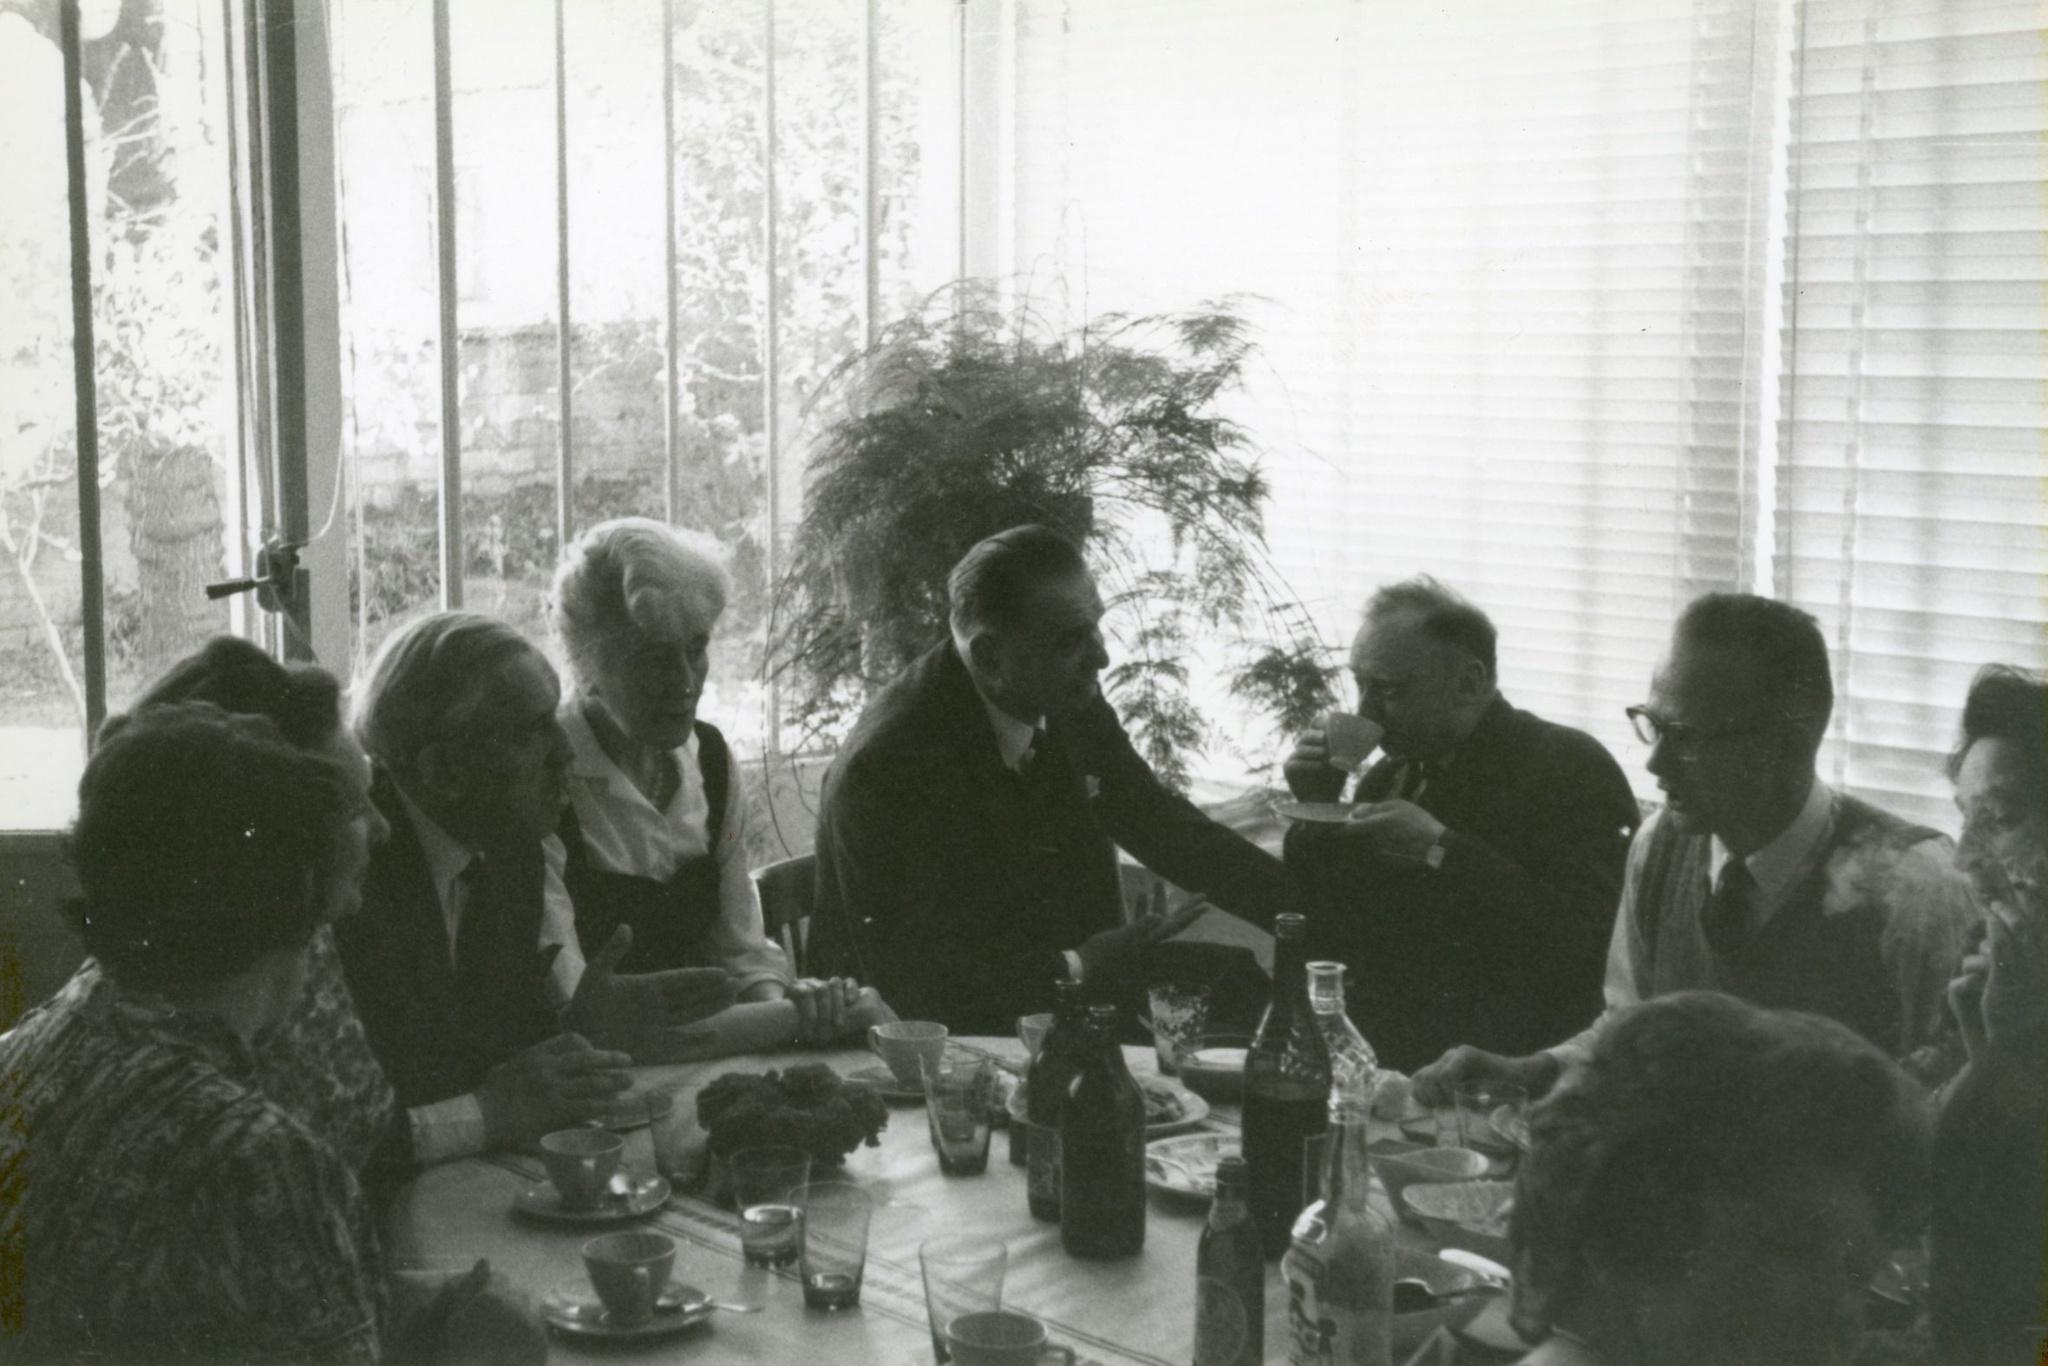 <div class='inner-box'><div class='close-desc'></div><span class='opis'>Wielkanoc w 1962 r. w domu Kultury. Przy stole siedzą: Aleksander Wat, Maria Czapska, Wacław Zbyszewski, Stefan Kisielewski, Jerzy Andrzejewski, Zofia Hertz, Róża Łubieńska.</span><div class='clearfix'></div><span>Шифр  FIL02306</span><div class='clearfix'></div><span class='autor'>фот.  Хенрик Гедройц</span><div class='clearfix'></div><span>©Хенрик Гедройц</span></div>